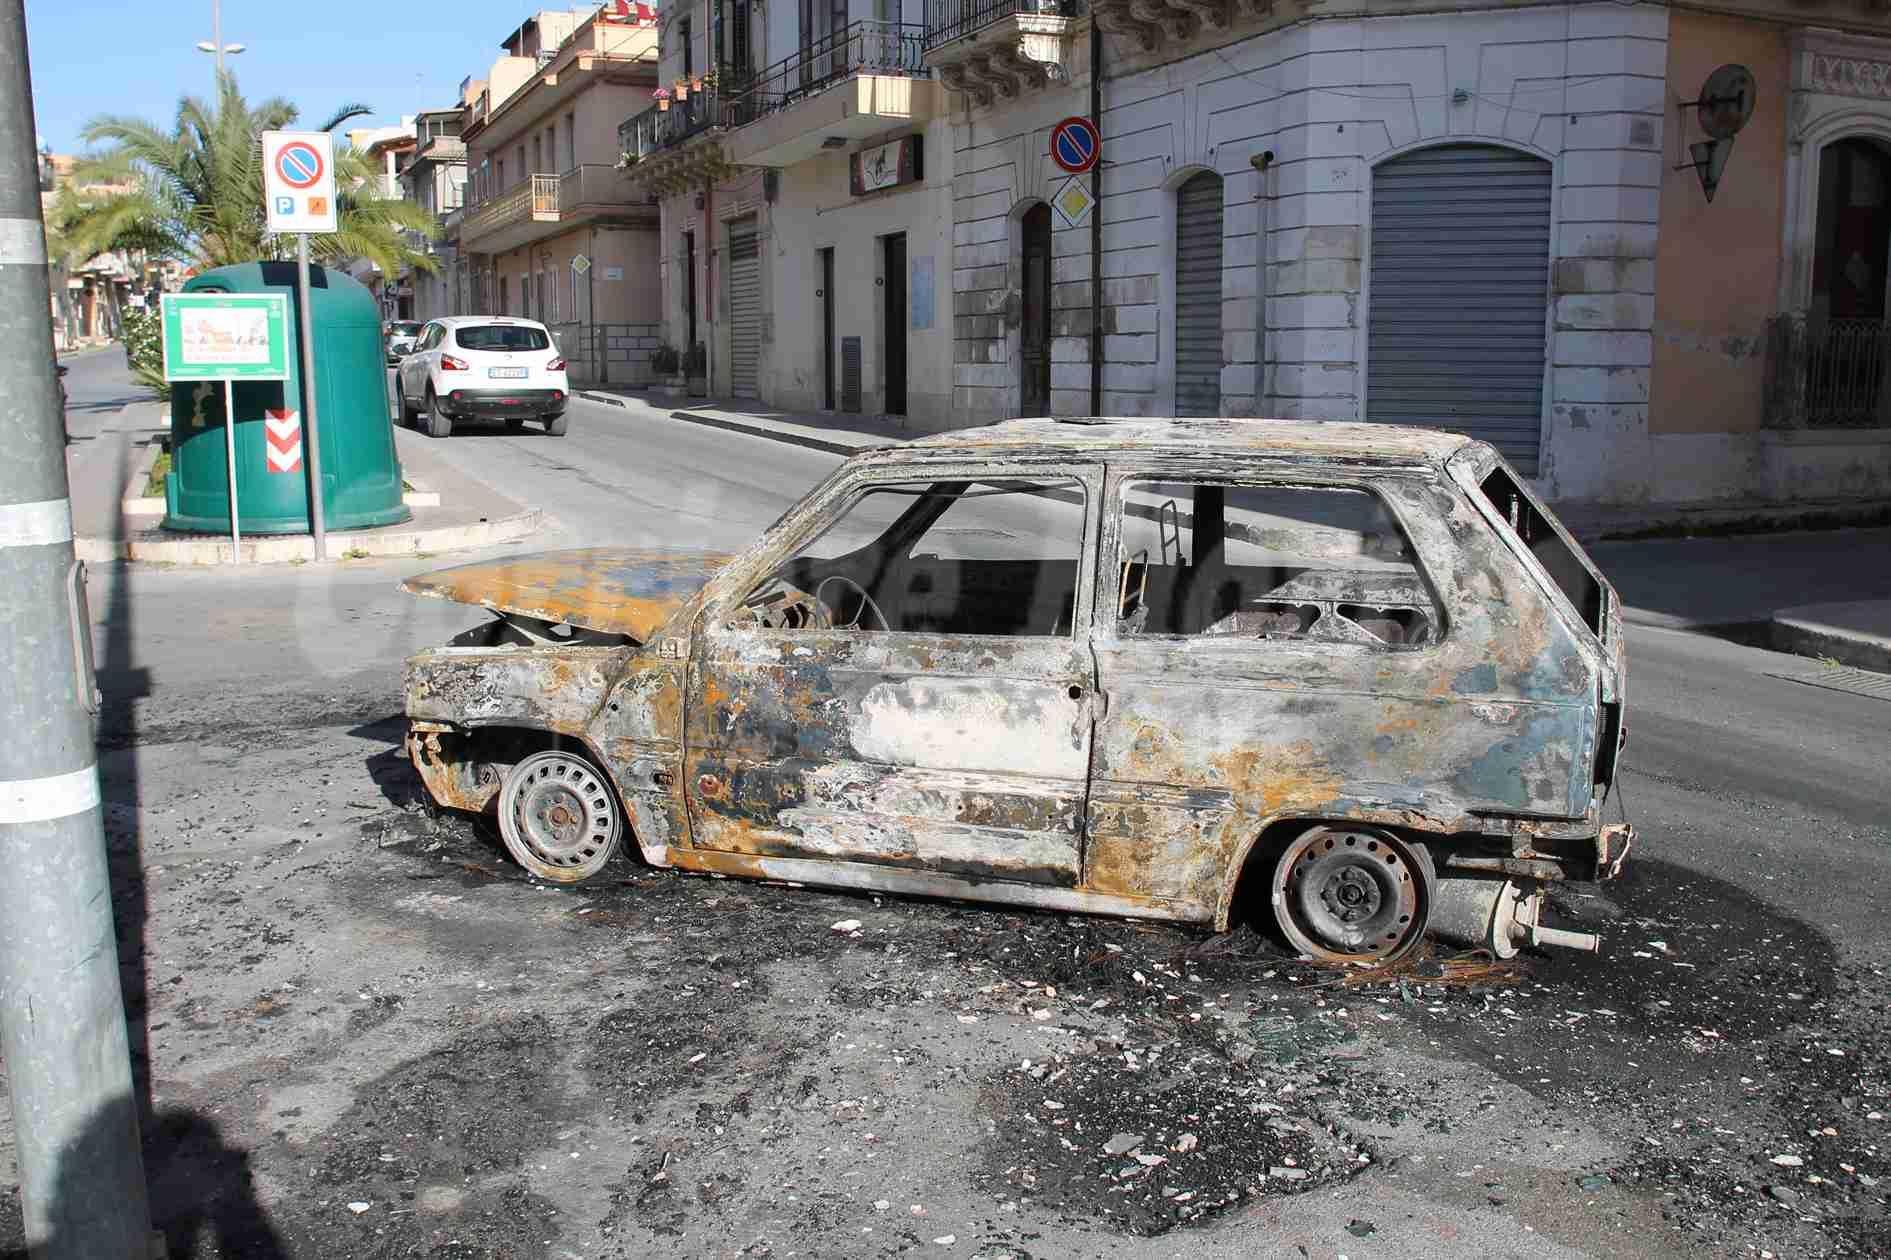 Altra auto in fiamme a Rosolini, distrutta una Fiat Panda parcheggiata in via Gonzaga